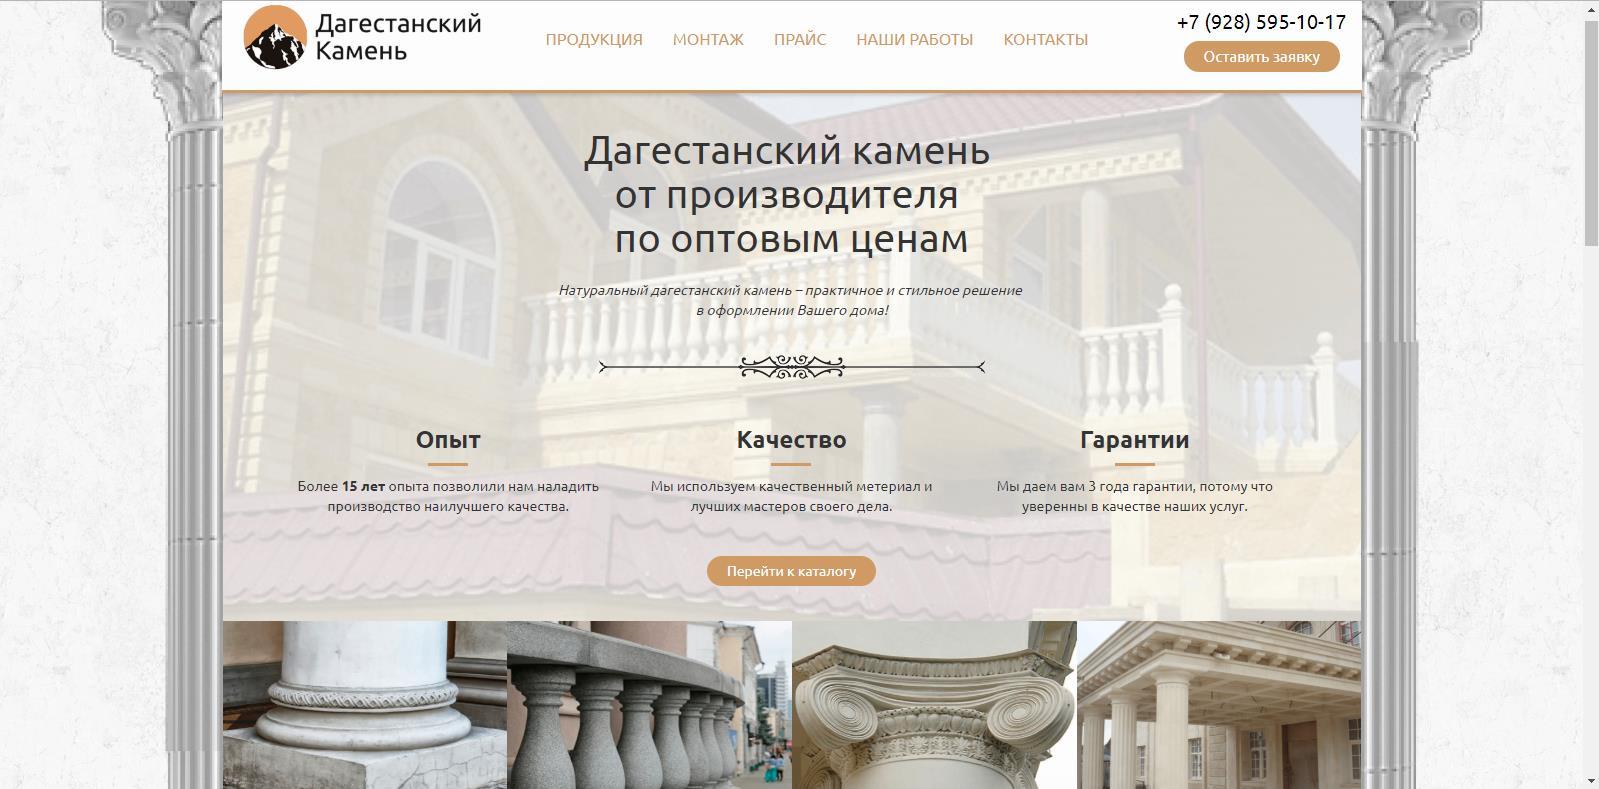 Настройка контекстной рекламы для ниши «Продажа дагестанского камня оптом»